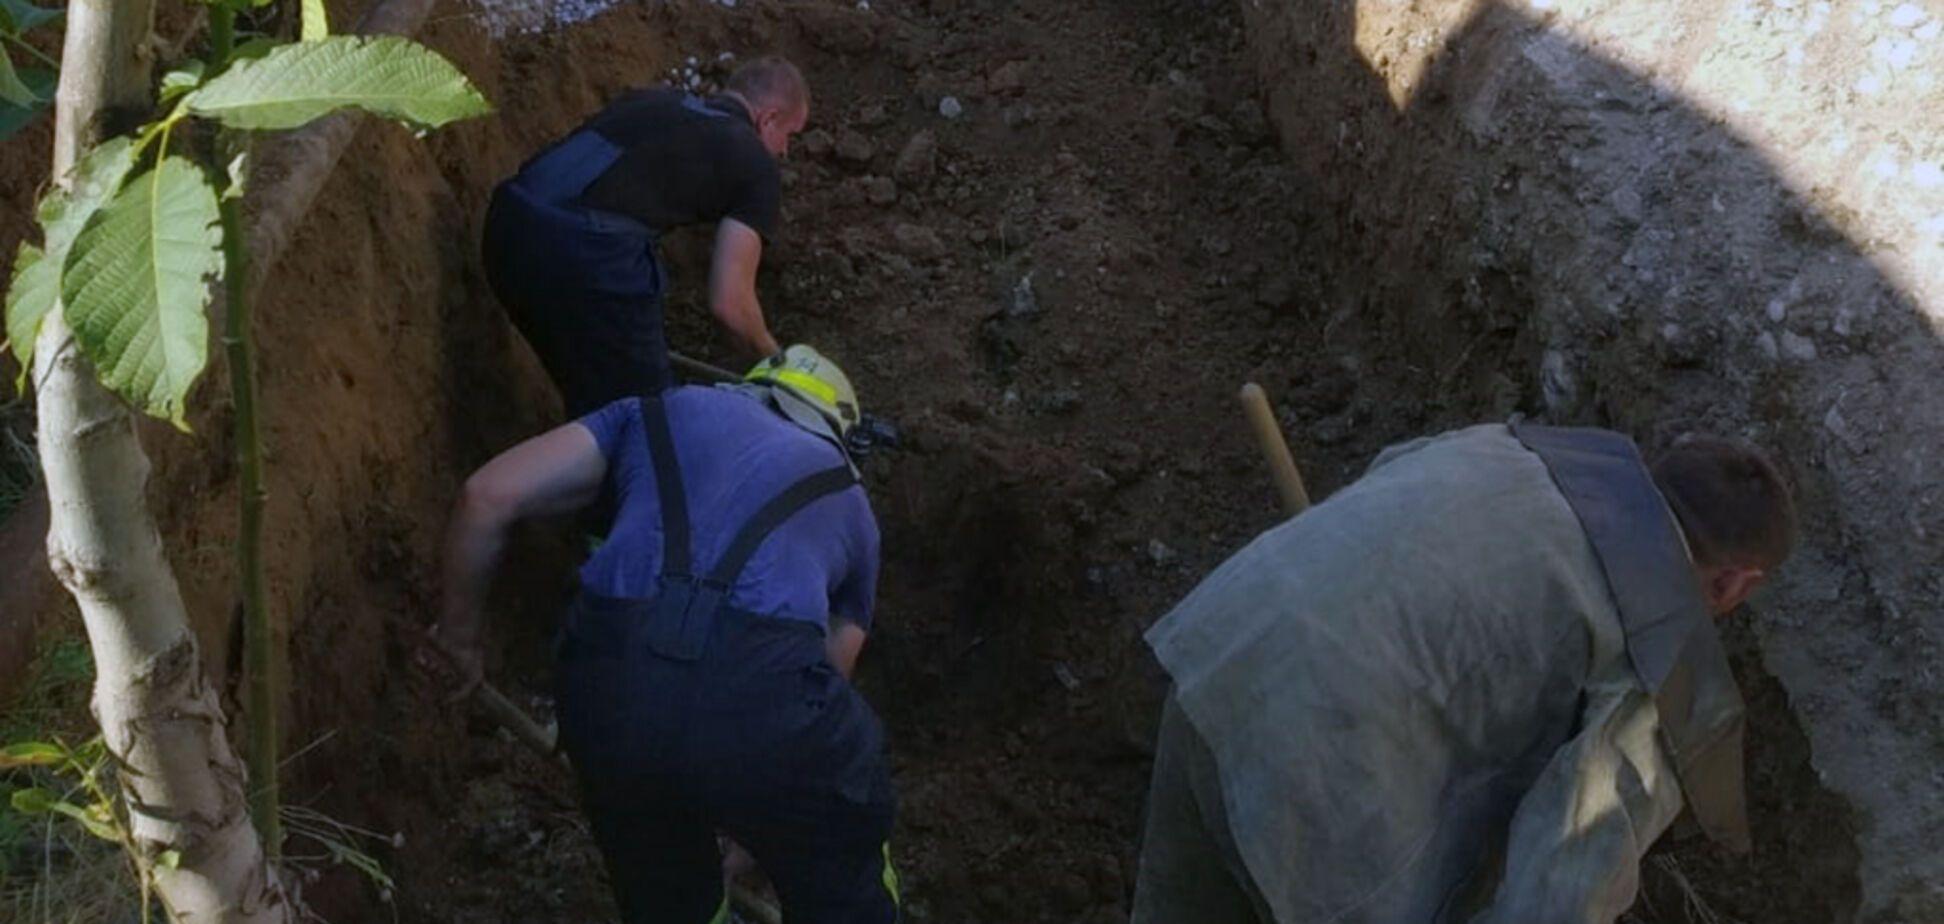 У Кривому Розі чоловіка на смерть засипало землею в траншеї. Фото та відео 18+